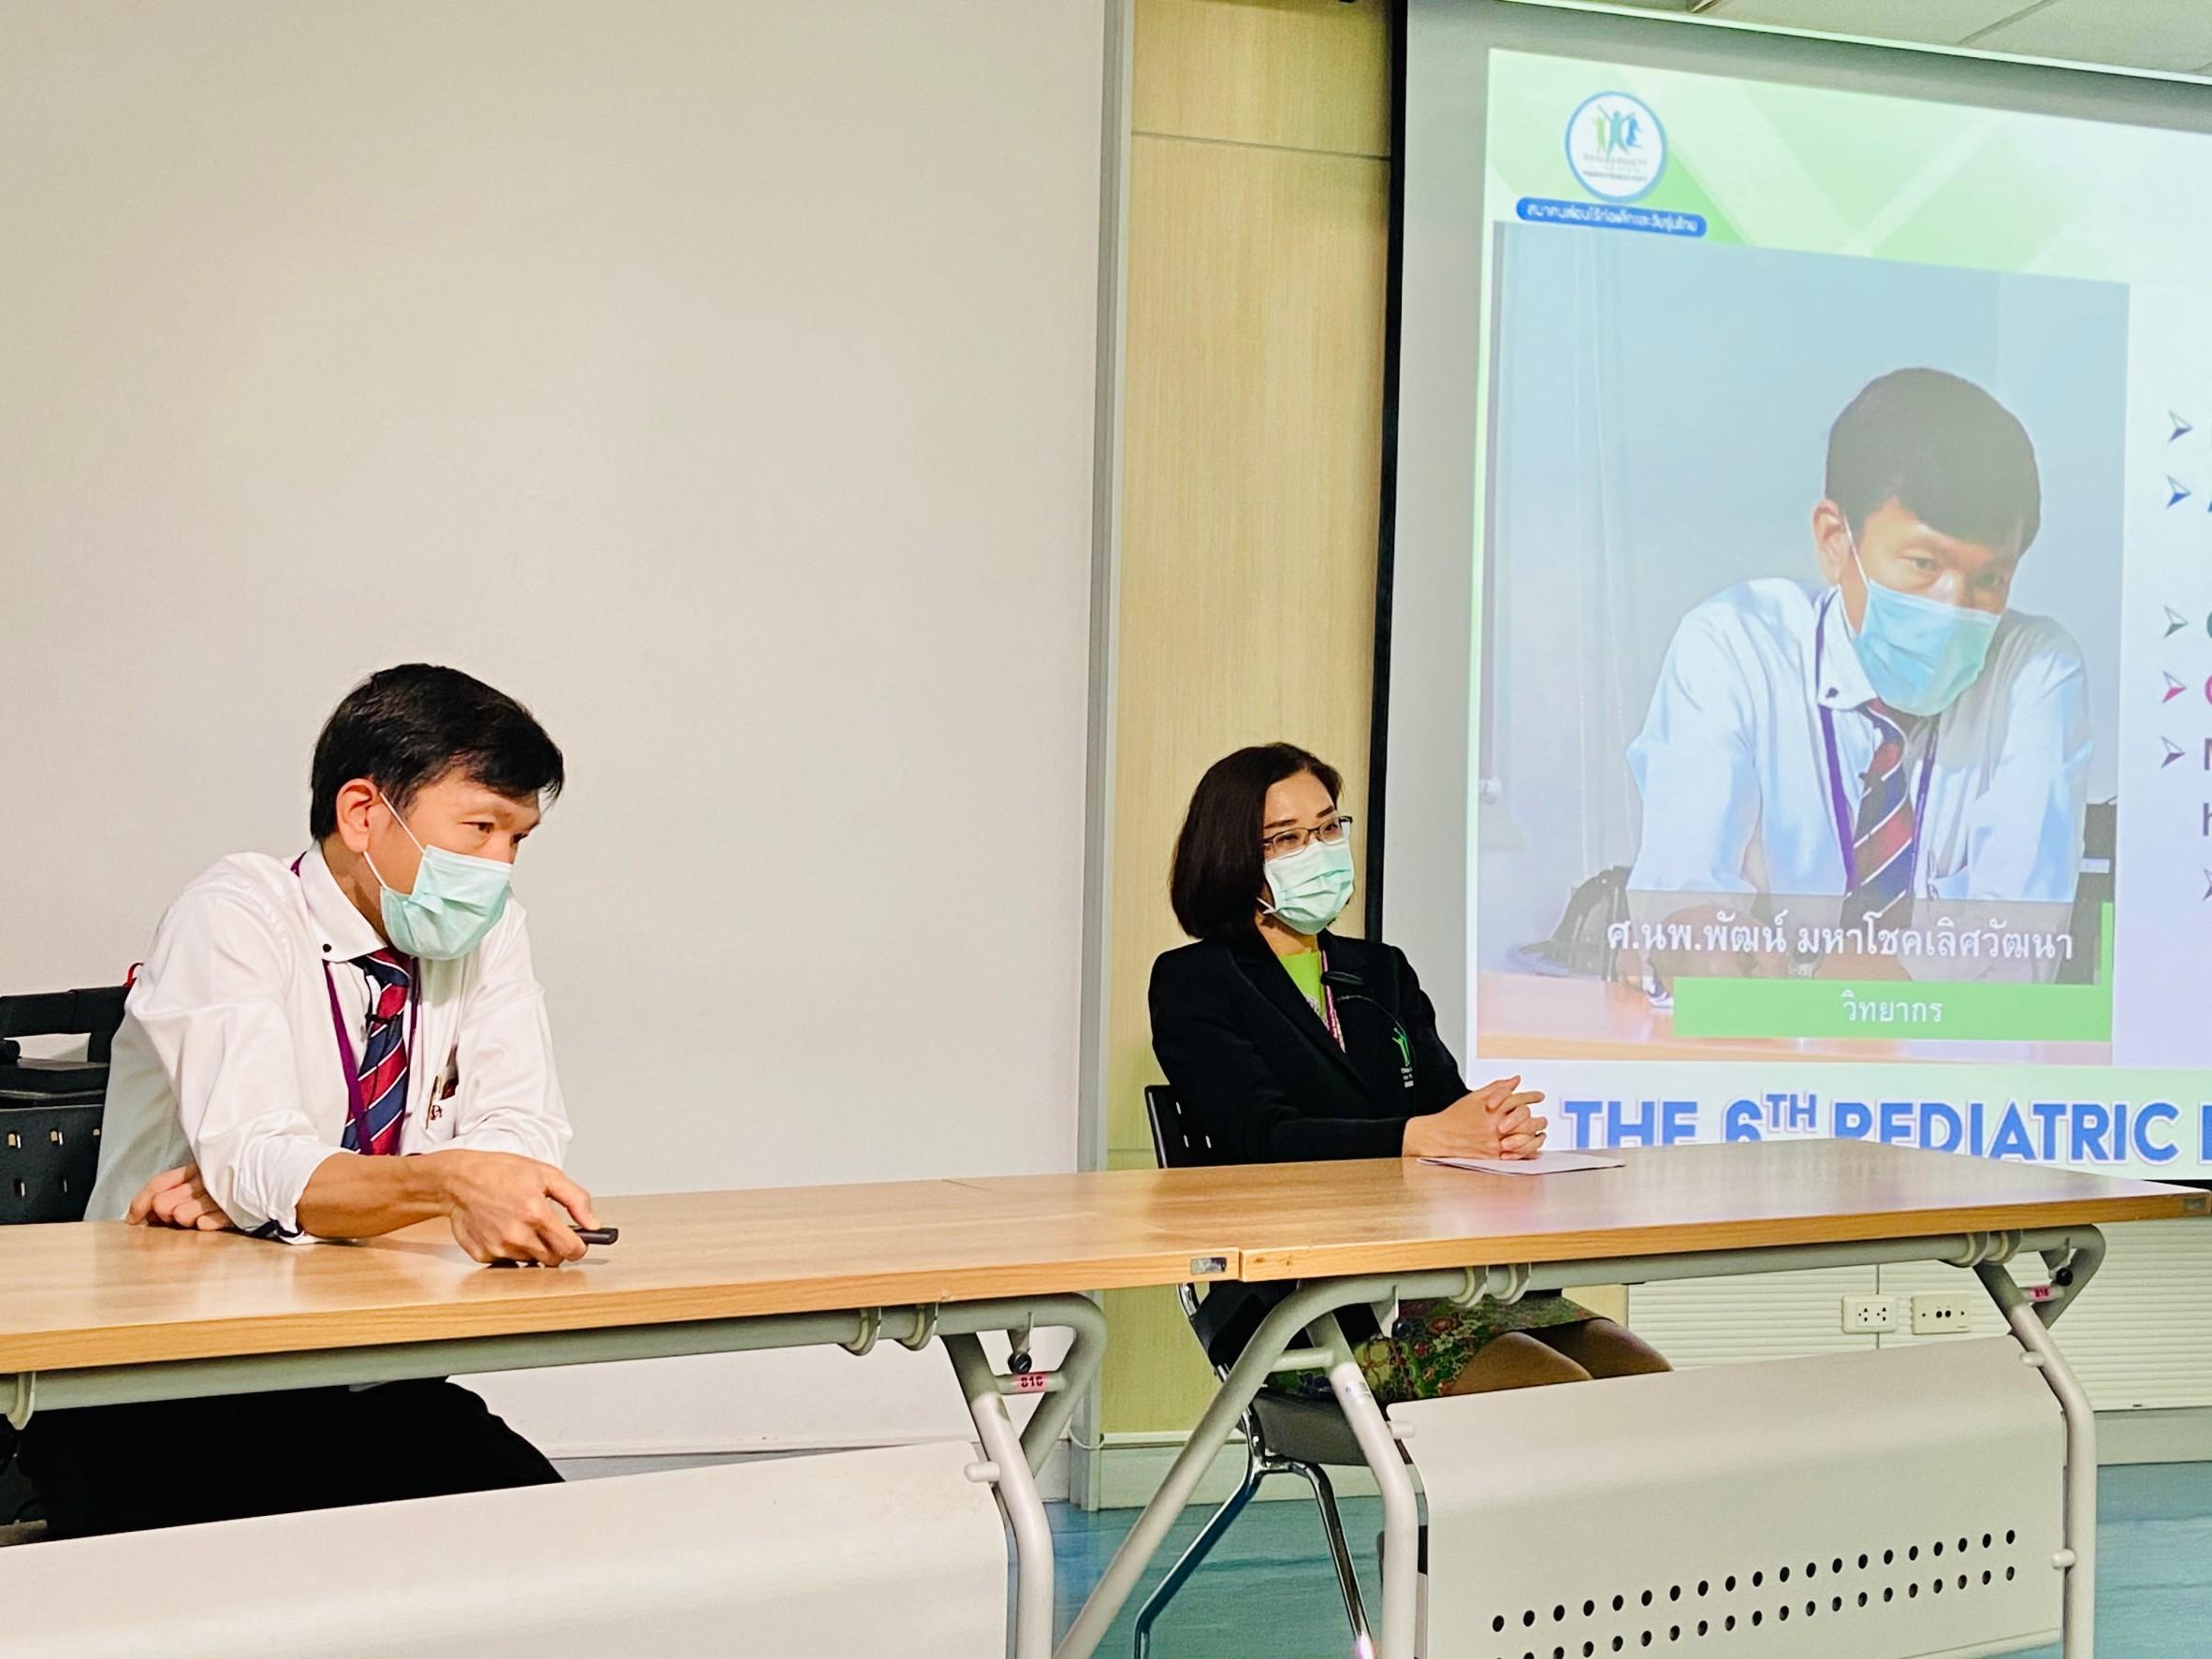 ภาพบรรยากาศการประชุม The 6th Pediatric Endocrine Review 2021